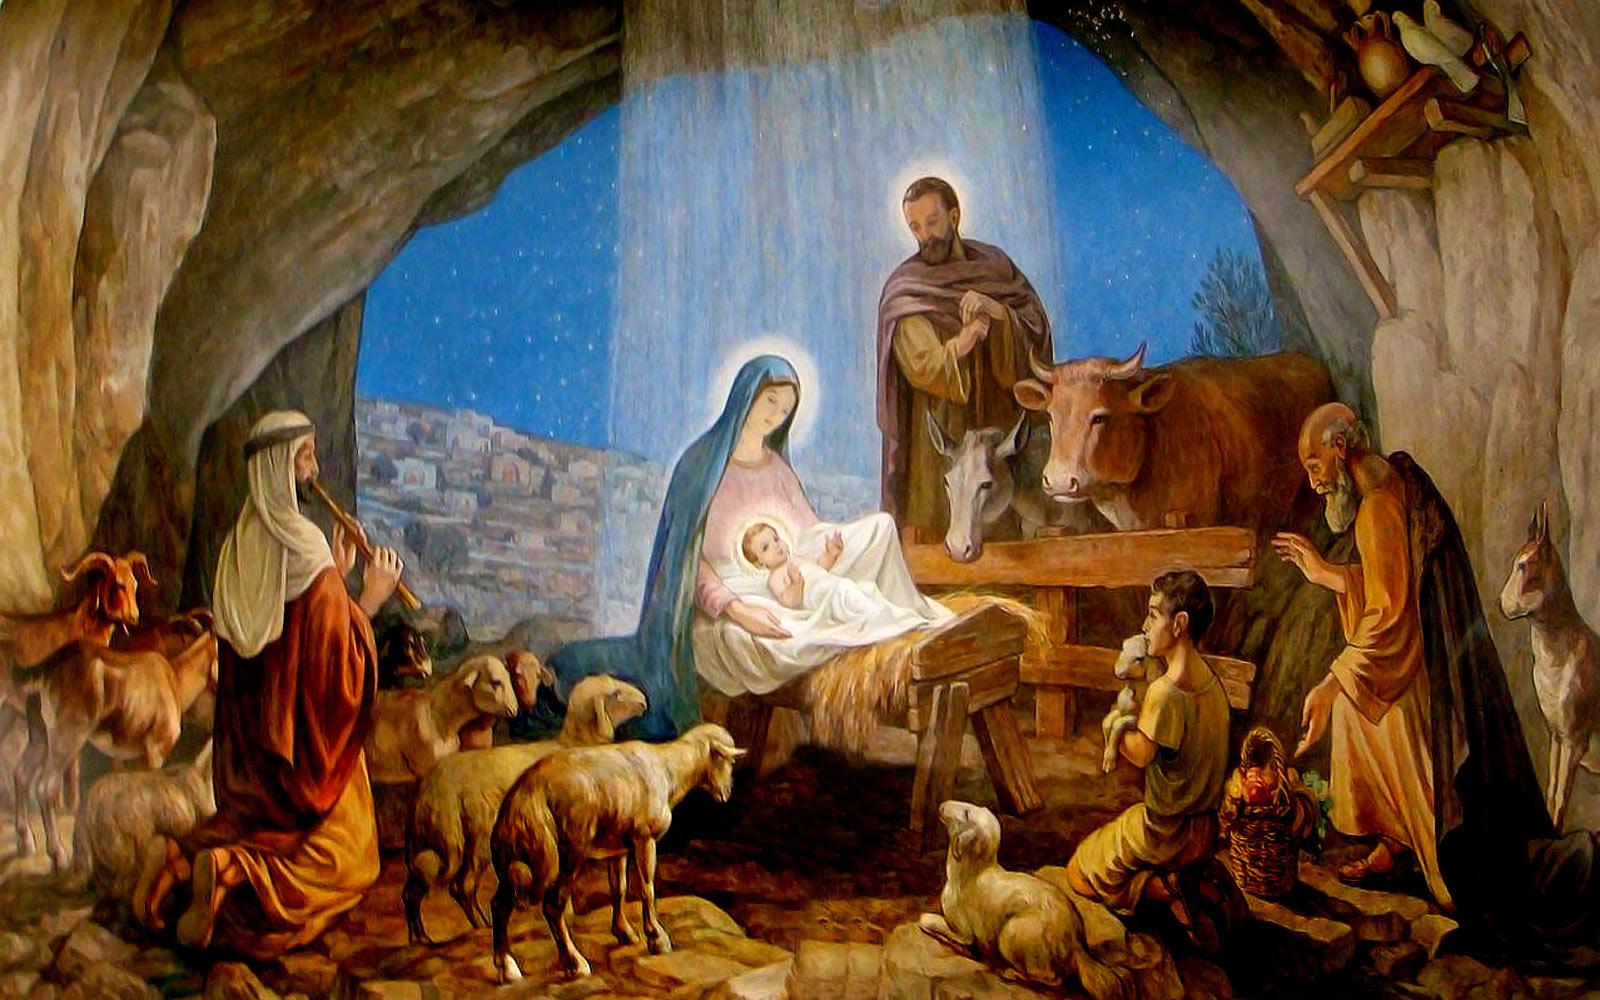 http://4.bp.blogspot.com/-3329gyr1kCU/TvOHPKxO9QI/AAAAAAAABAI/Md1gjileJ5Q/s1600/Nativity-Scene1.jpg